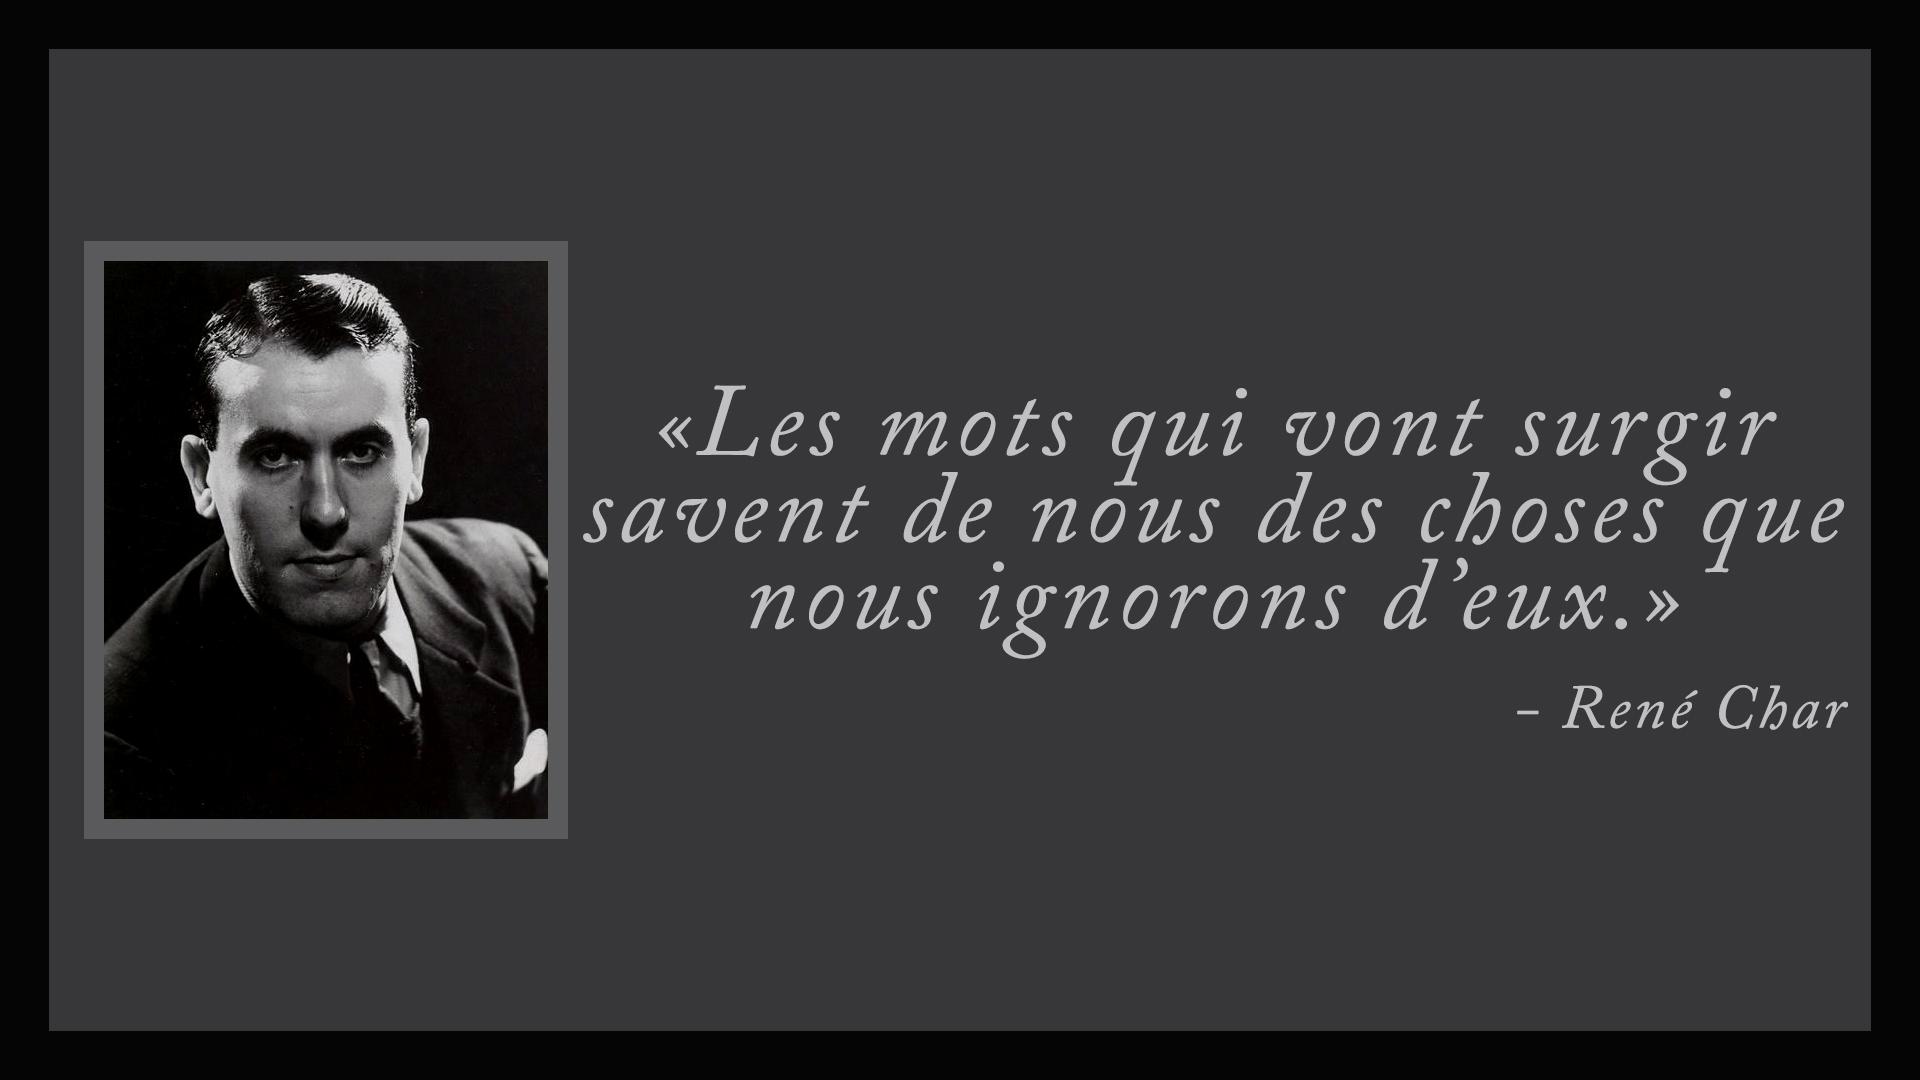 René Char - Les Mots qui vont Surgir dpurb d'purb.com